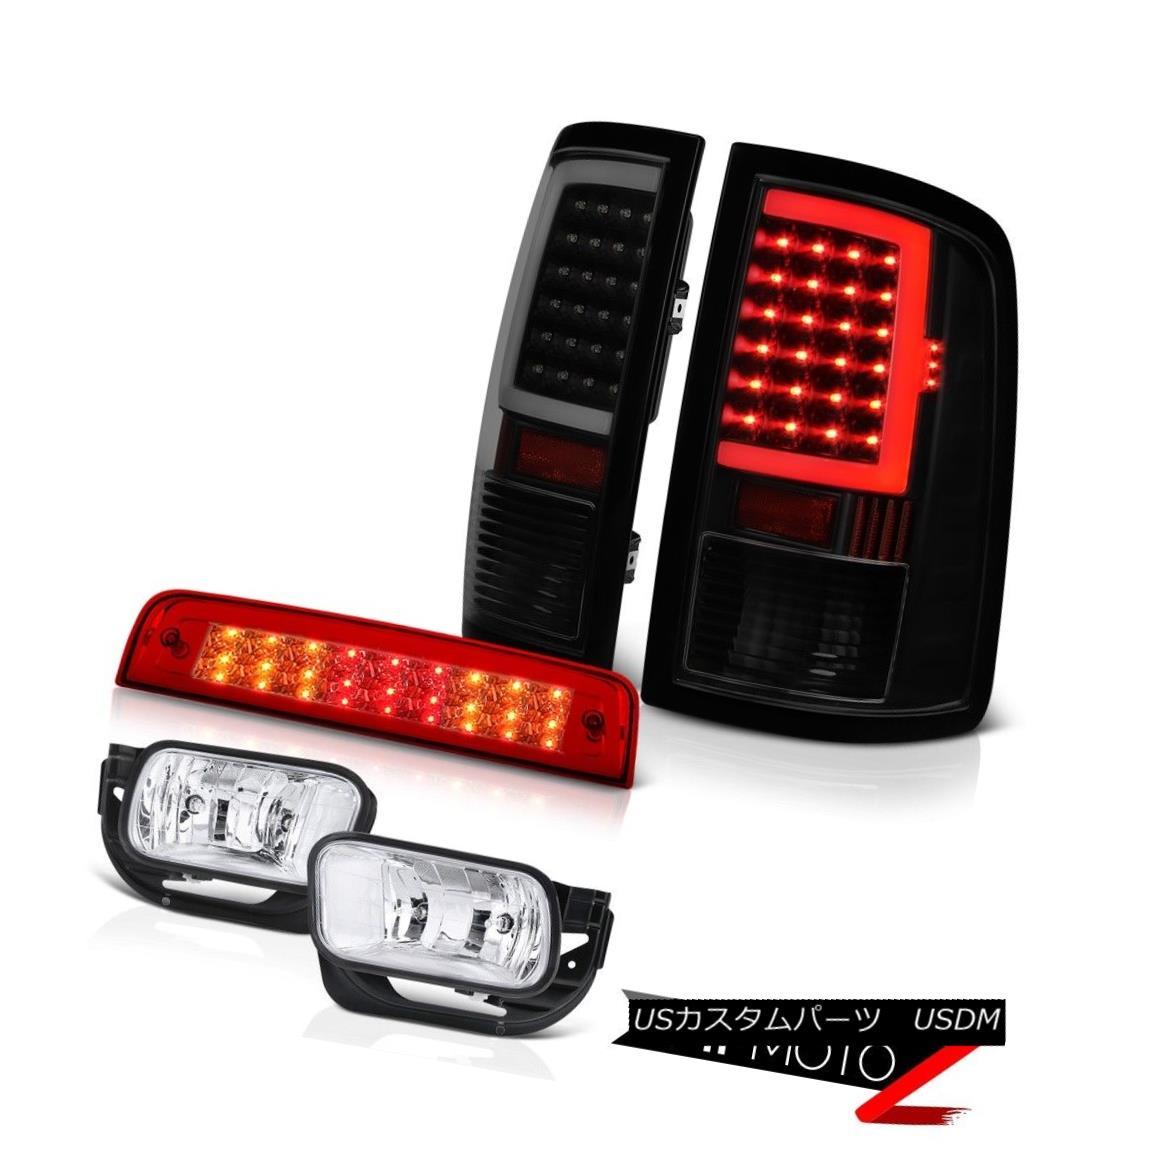 テールライト 09 10 11-13 Dodge RAM 1500 2500 Tail Lamps 3rd Brake Lights Sterling Chrome Fog 09 10 11-13ダッジRAM 1500 2500テールランプ第3ブレーキライトスターリングクロムフォグ